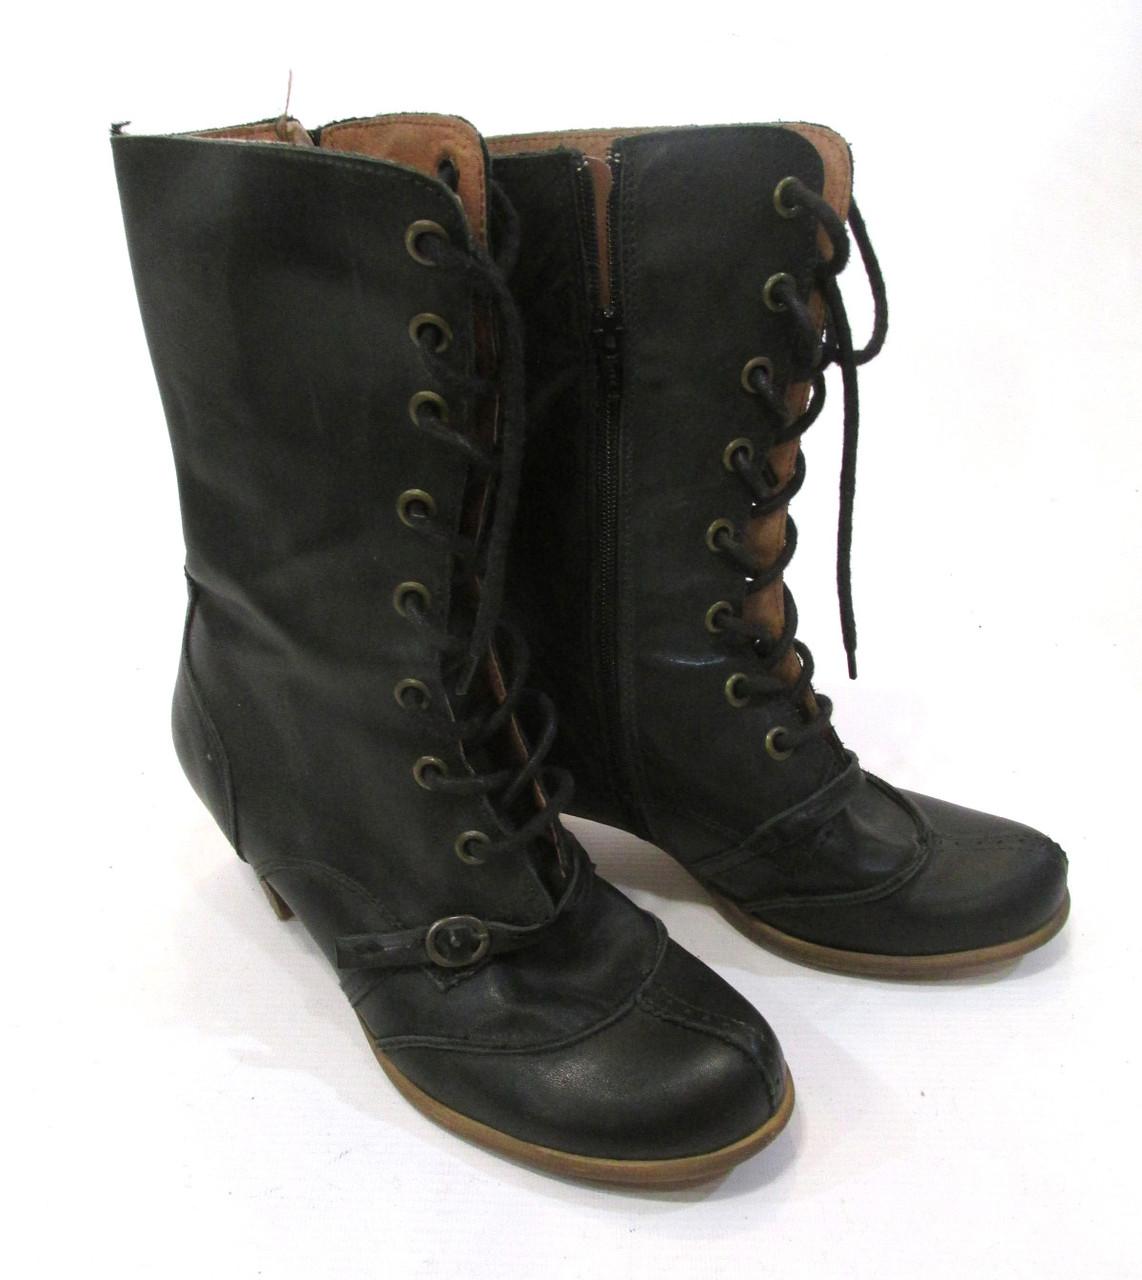 Сапожки кожаные Sacha, 39 (25 см), стильные, качественные, Отл сост!